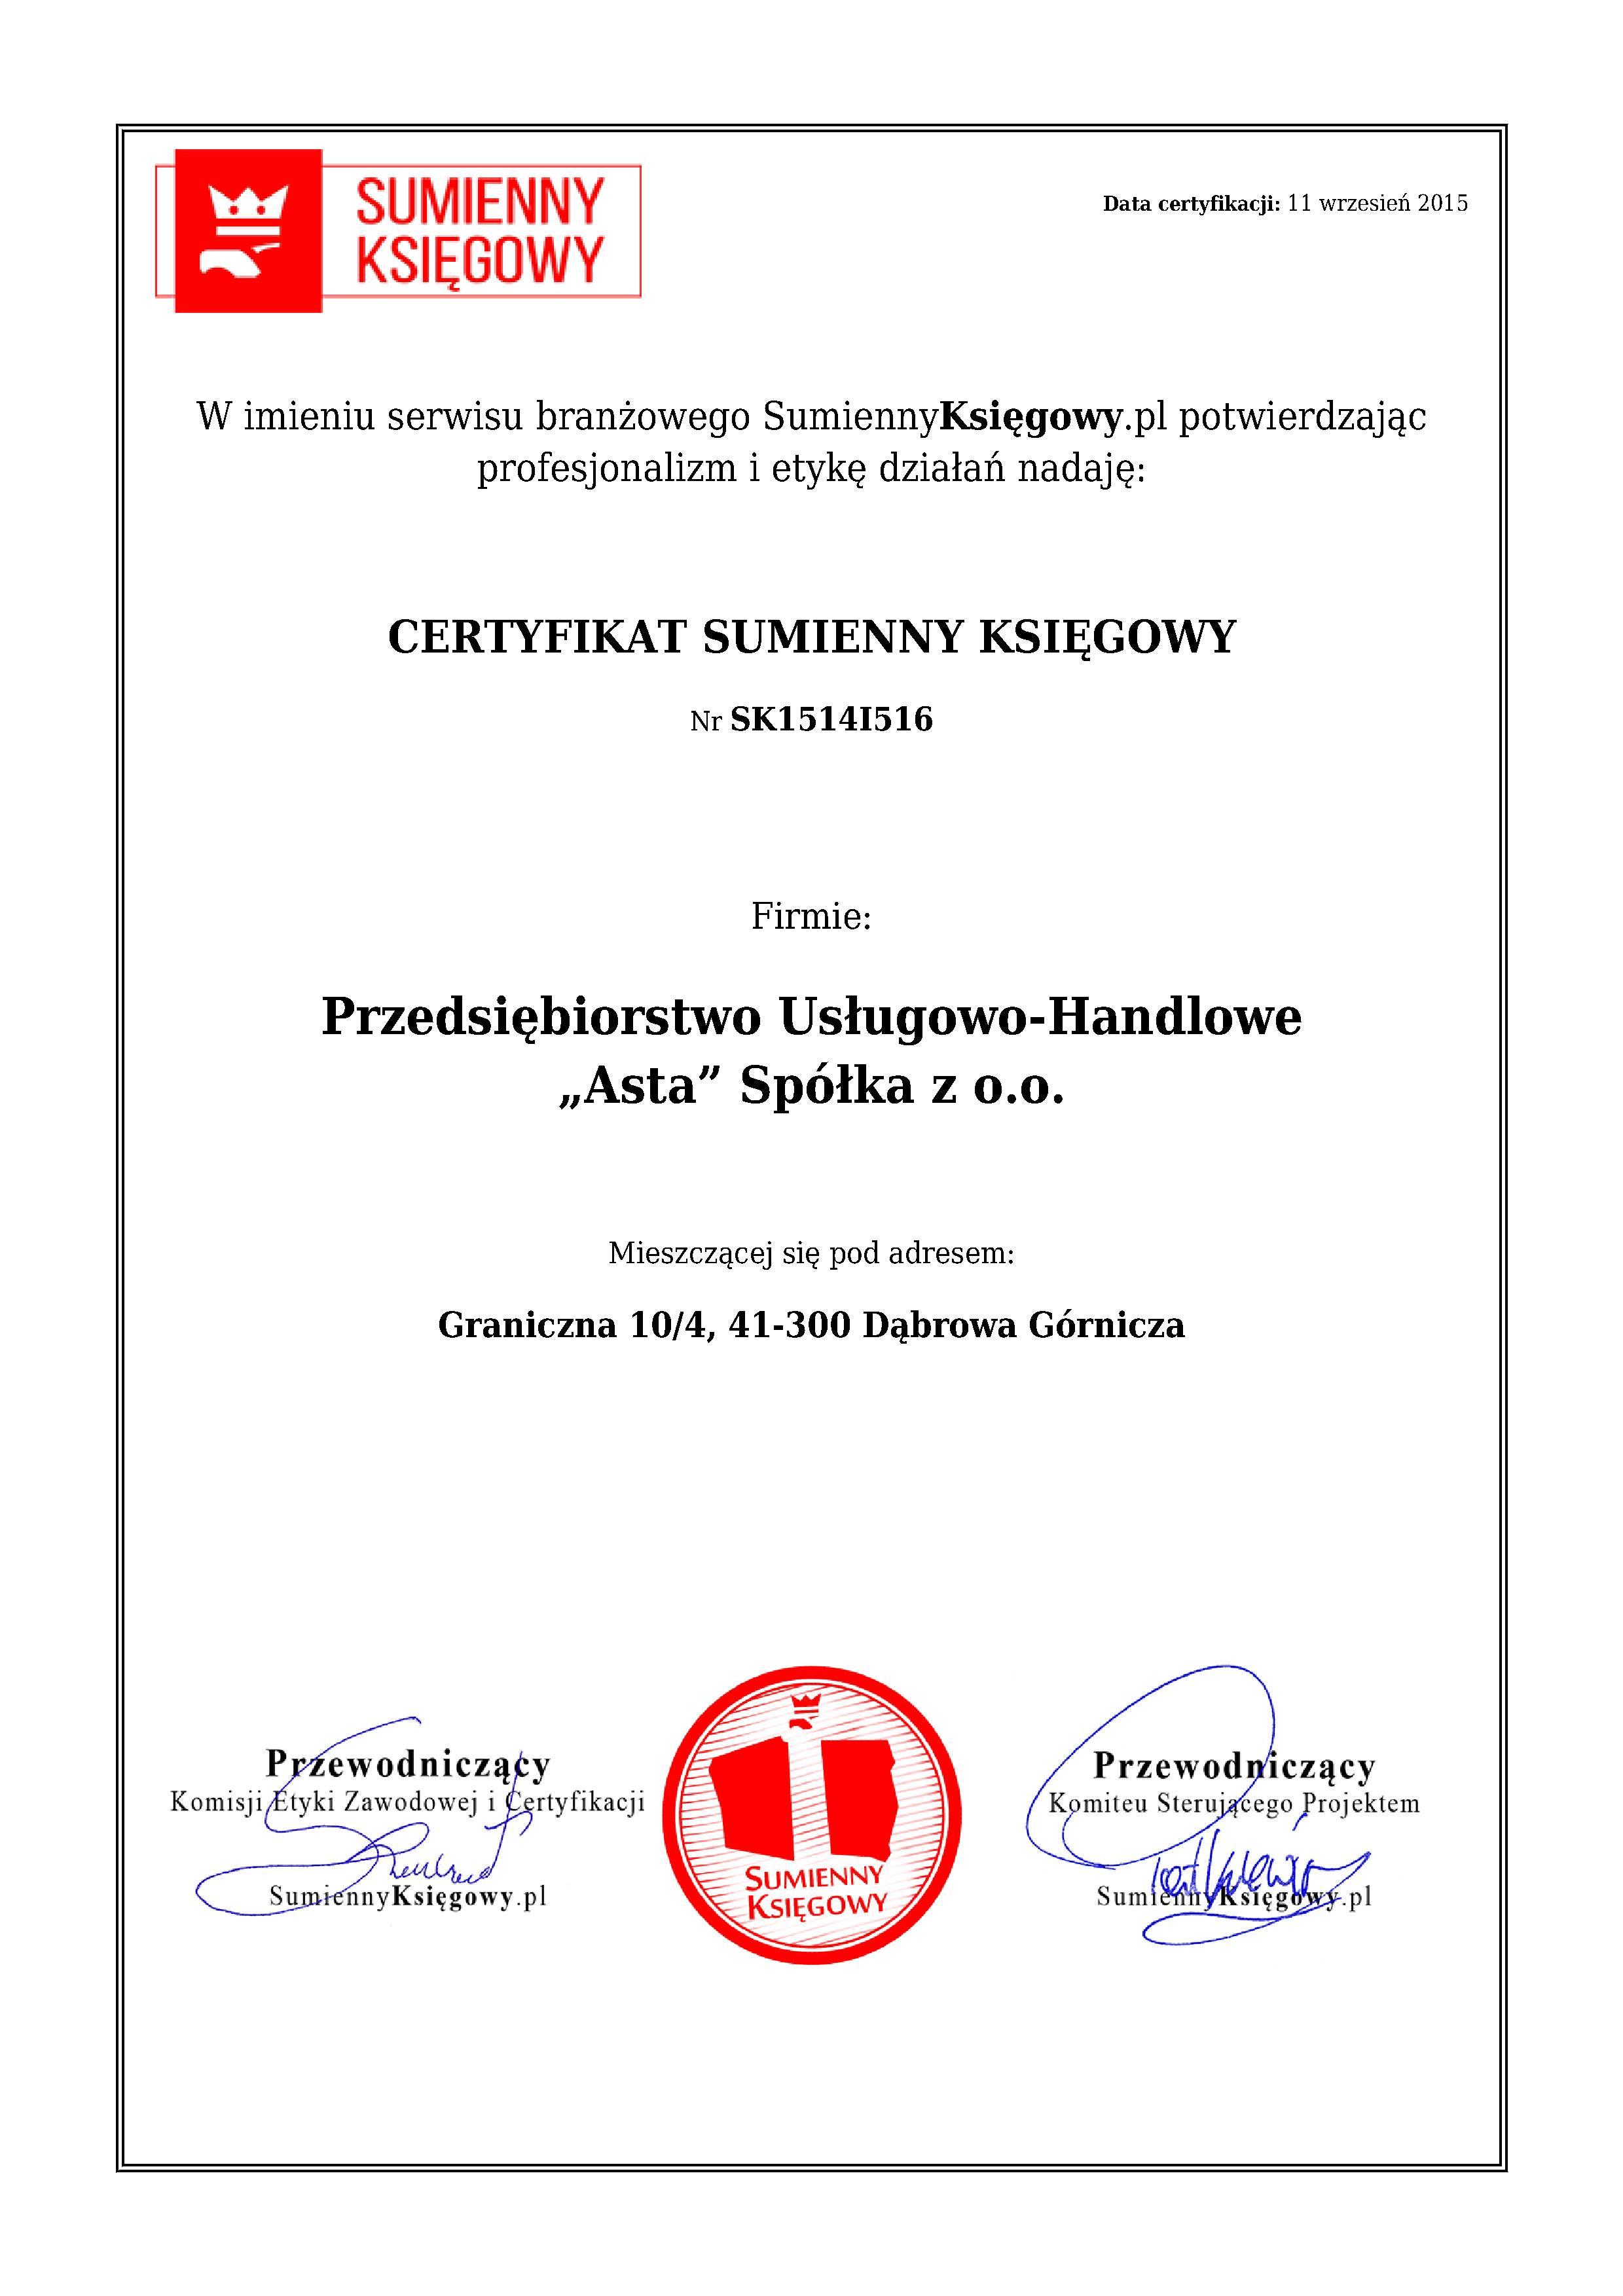 """Certyfikat Przedsiębiorstwo Usługowo-Handlowe """"Asta"""" Spółka z o.o."""